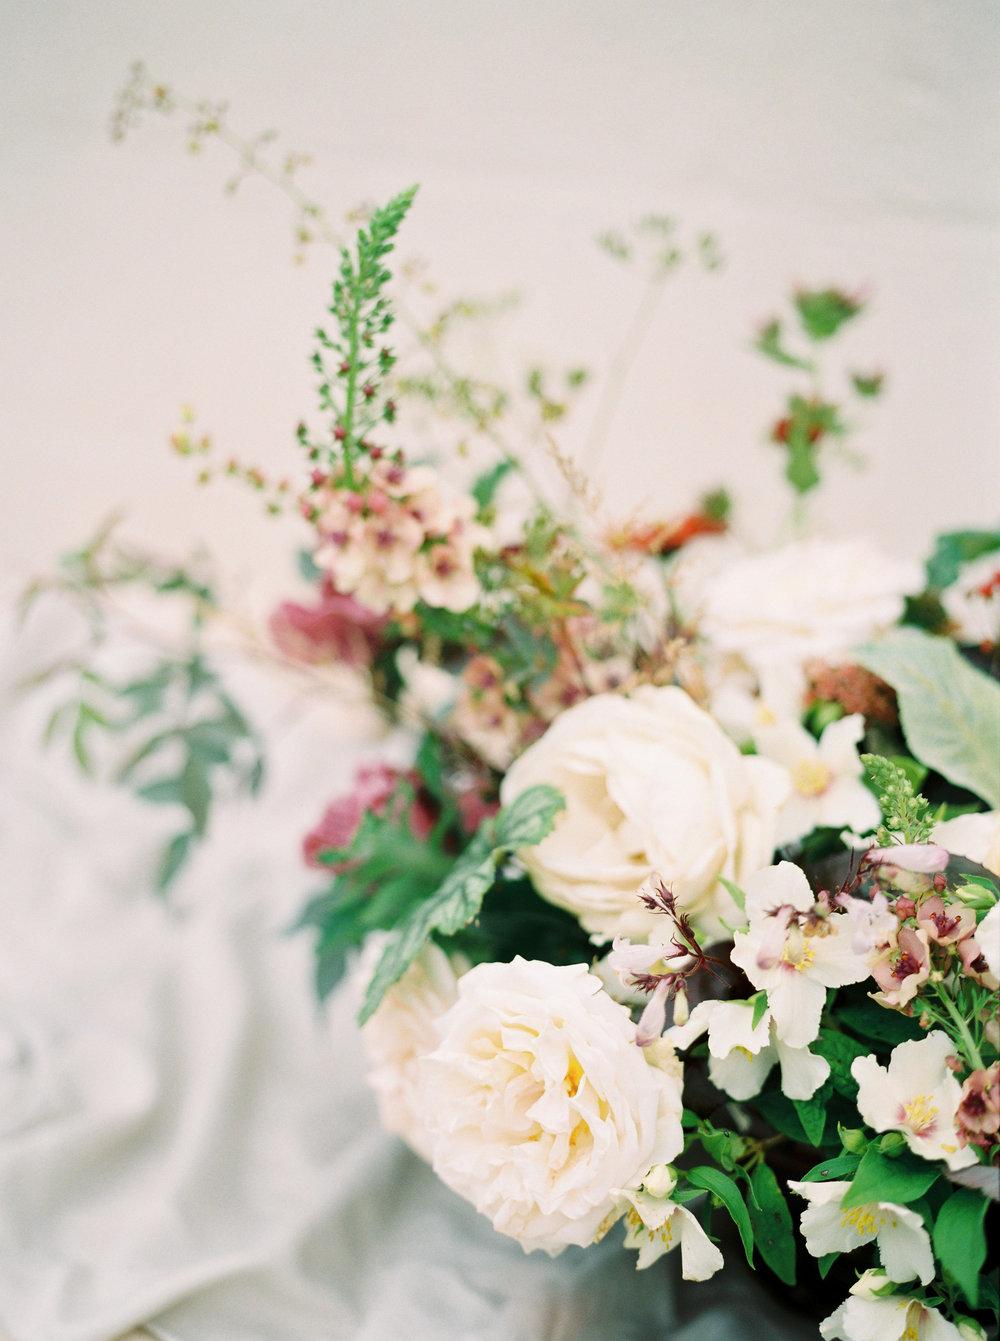 imogenxianathegardengateflowercompany-40.jpg